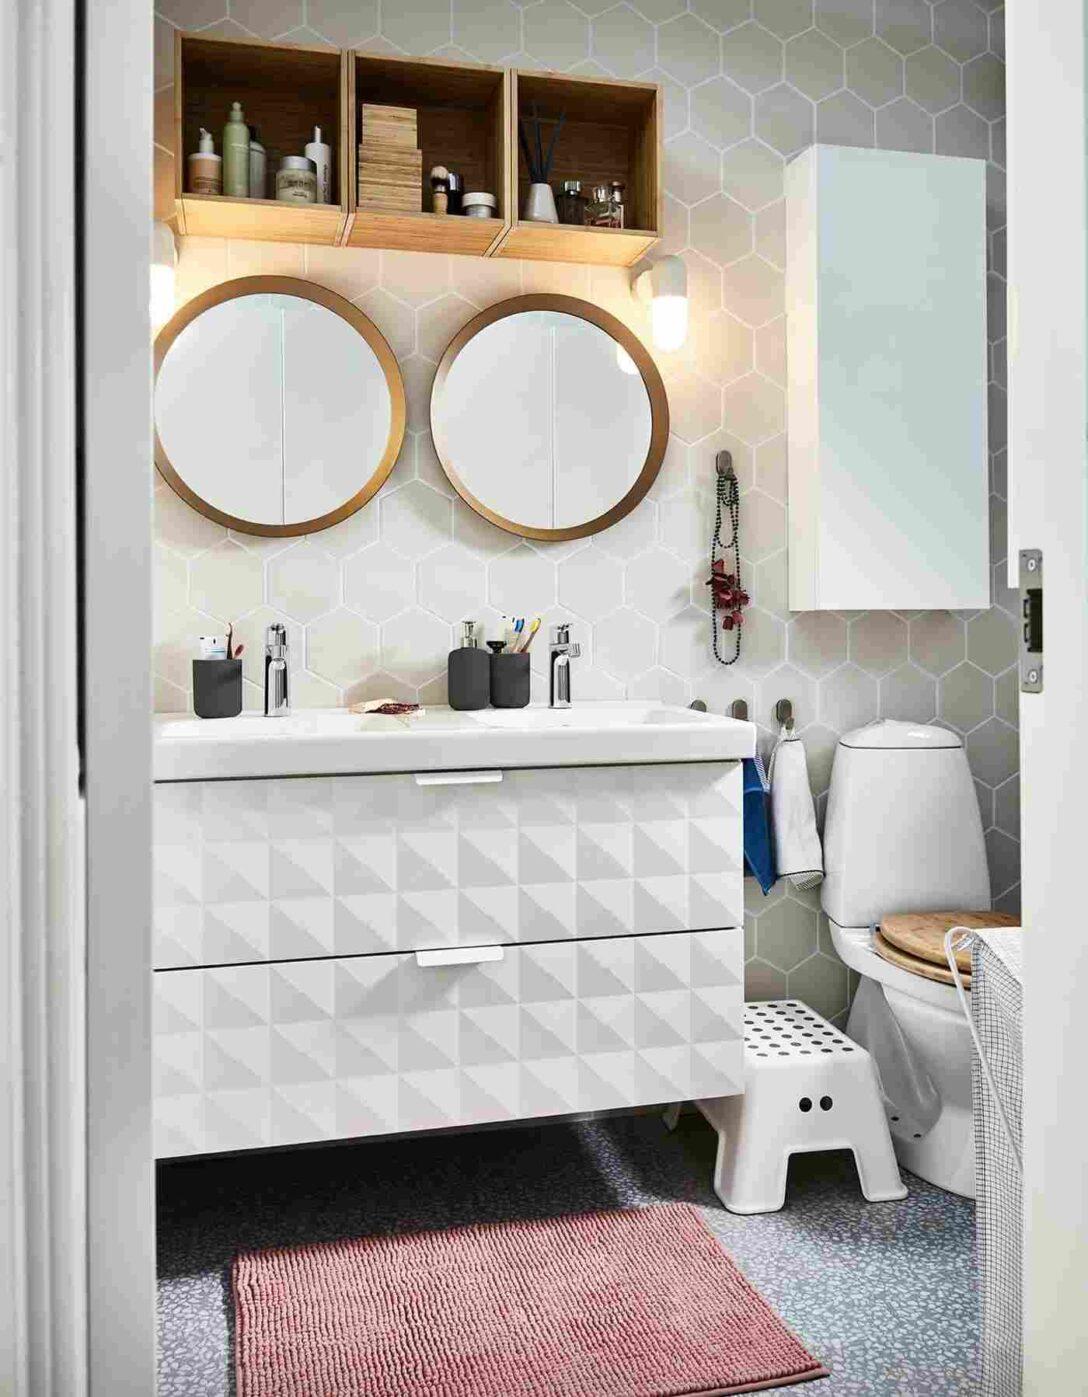 Large Size of Wandregal Ikea Küche Badezimmer Ideen Diese Badmbel Aus Katalog 2020 Sind Trendig Gewinnen Blende Kinder Spielküche Kaufen Doppelblock Sitzgruppe Wohnzimmer Wandregal Ikea Küche